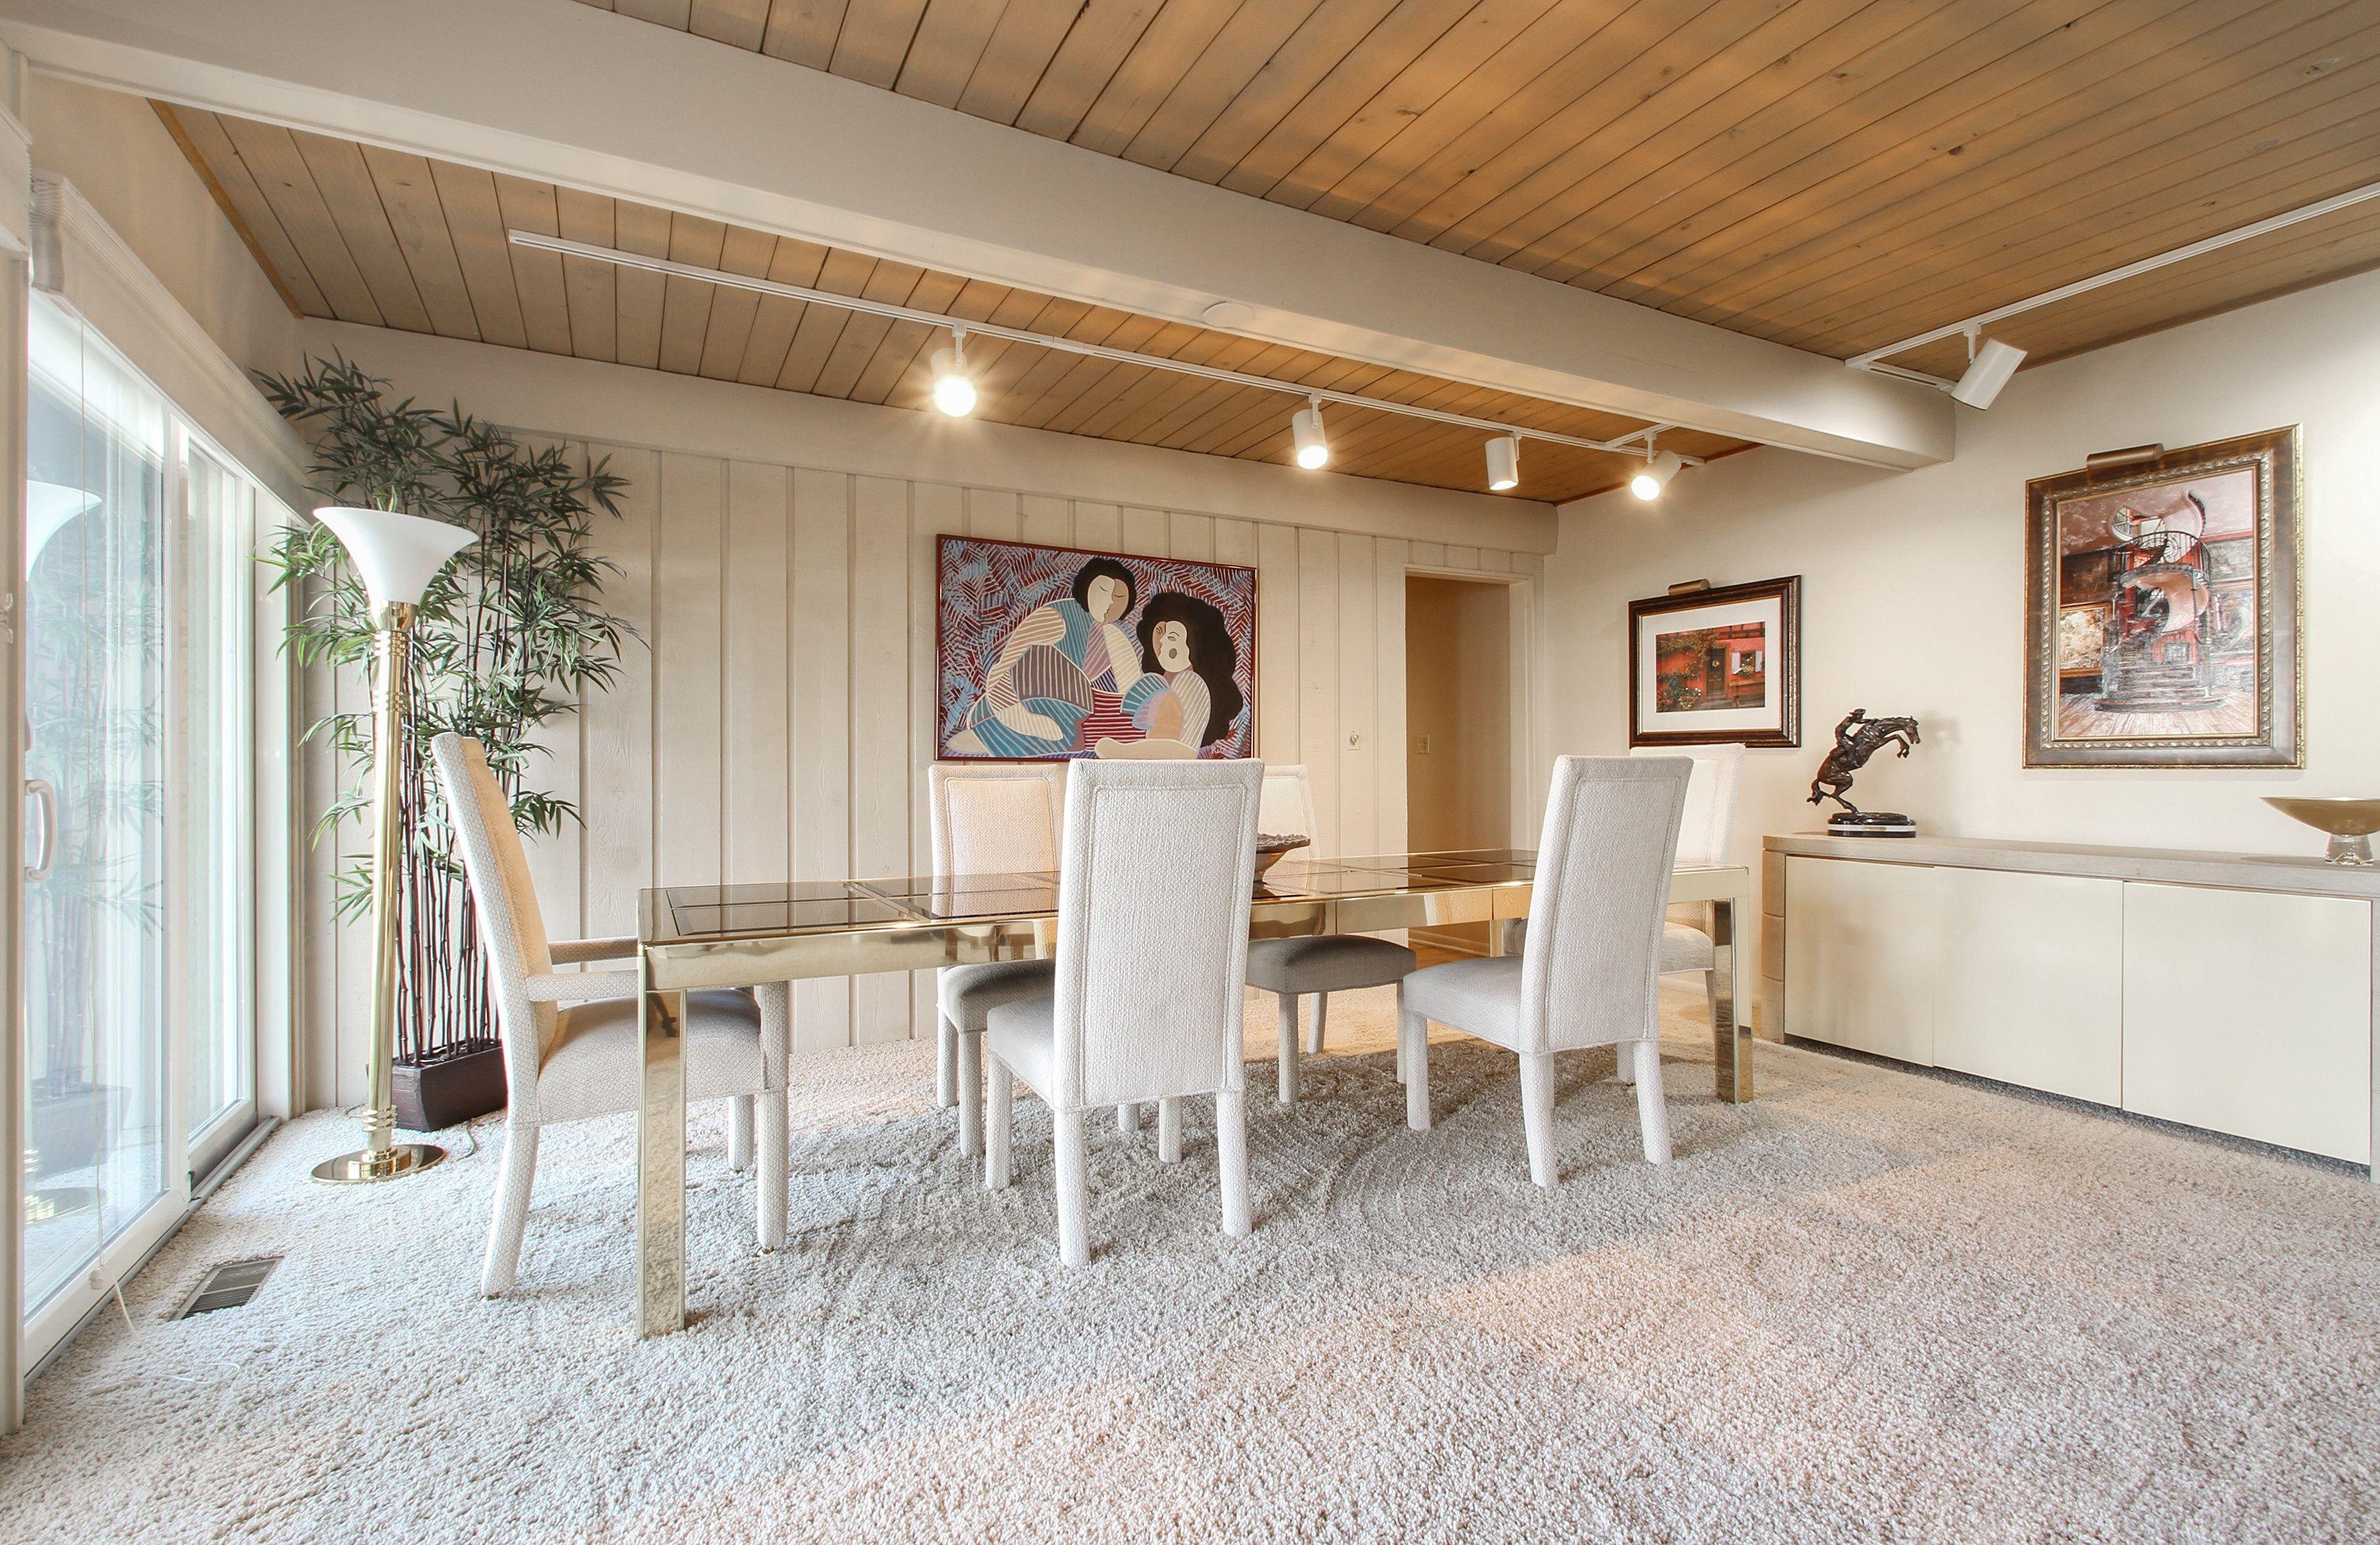 2930 lake placid lane in northbrook illinois dining room